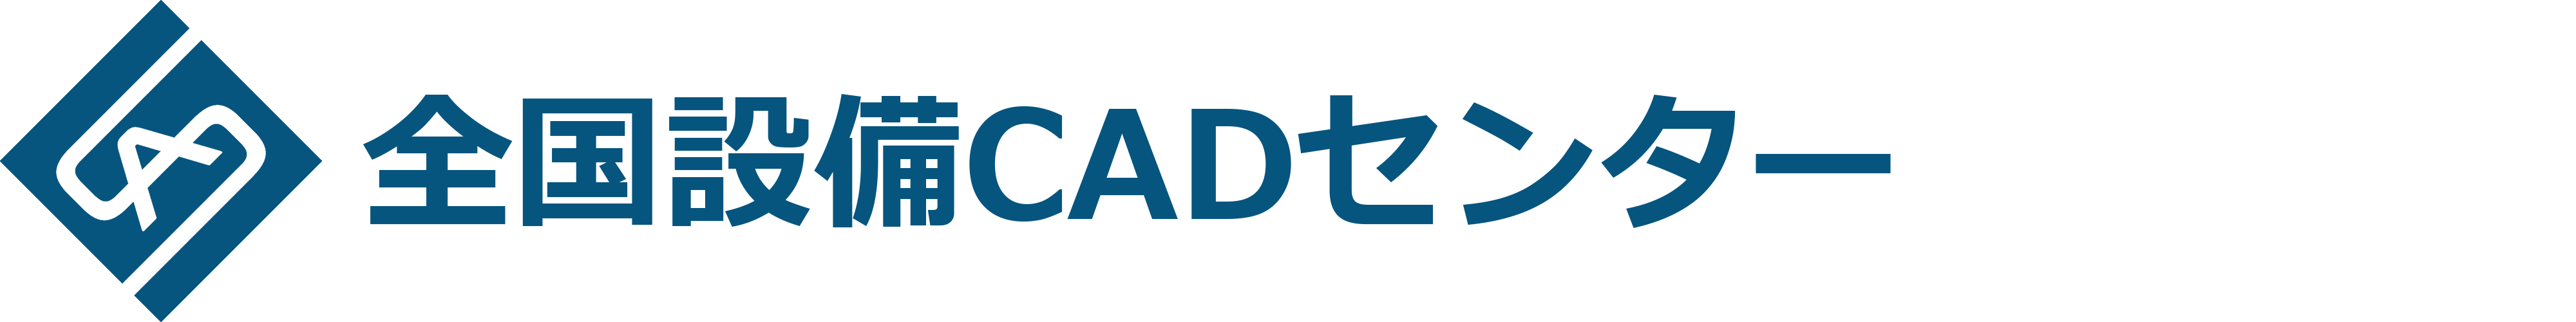 株式会社全国設備CADセンター|設備設計/設計アウトソーシング/建築確認申請図面/給排水図面/トレース